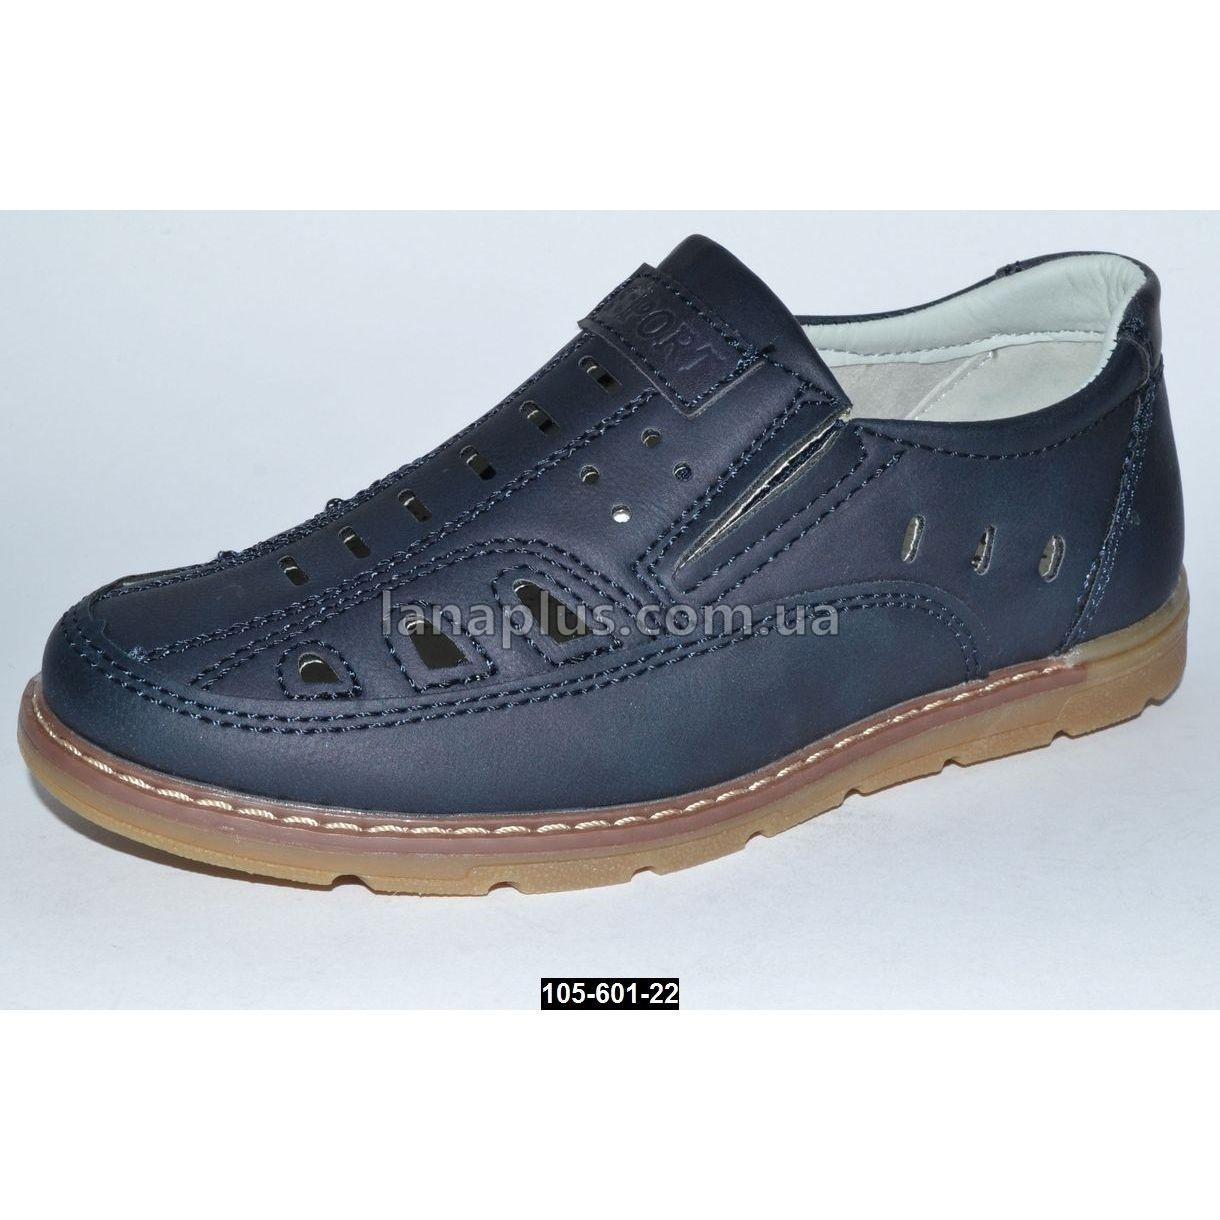 Летние мокасины, туфли для мальчика, 30 размер (19.2 см), супинатор, кожаная стелька